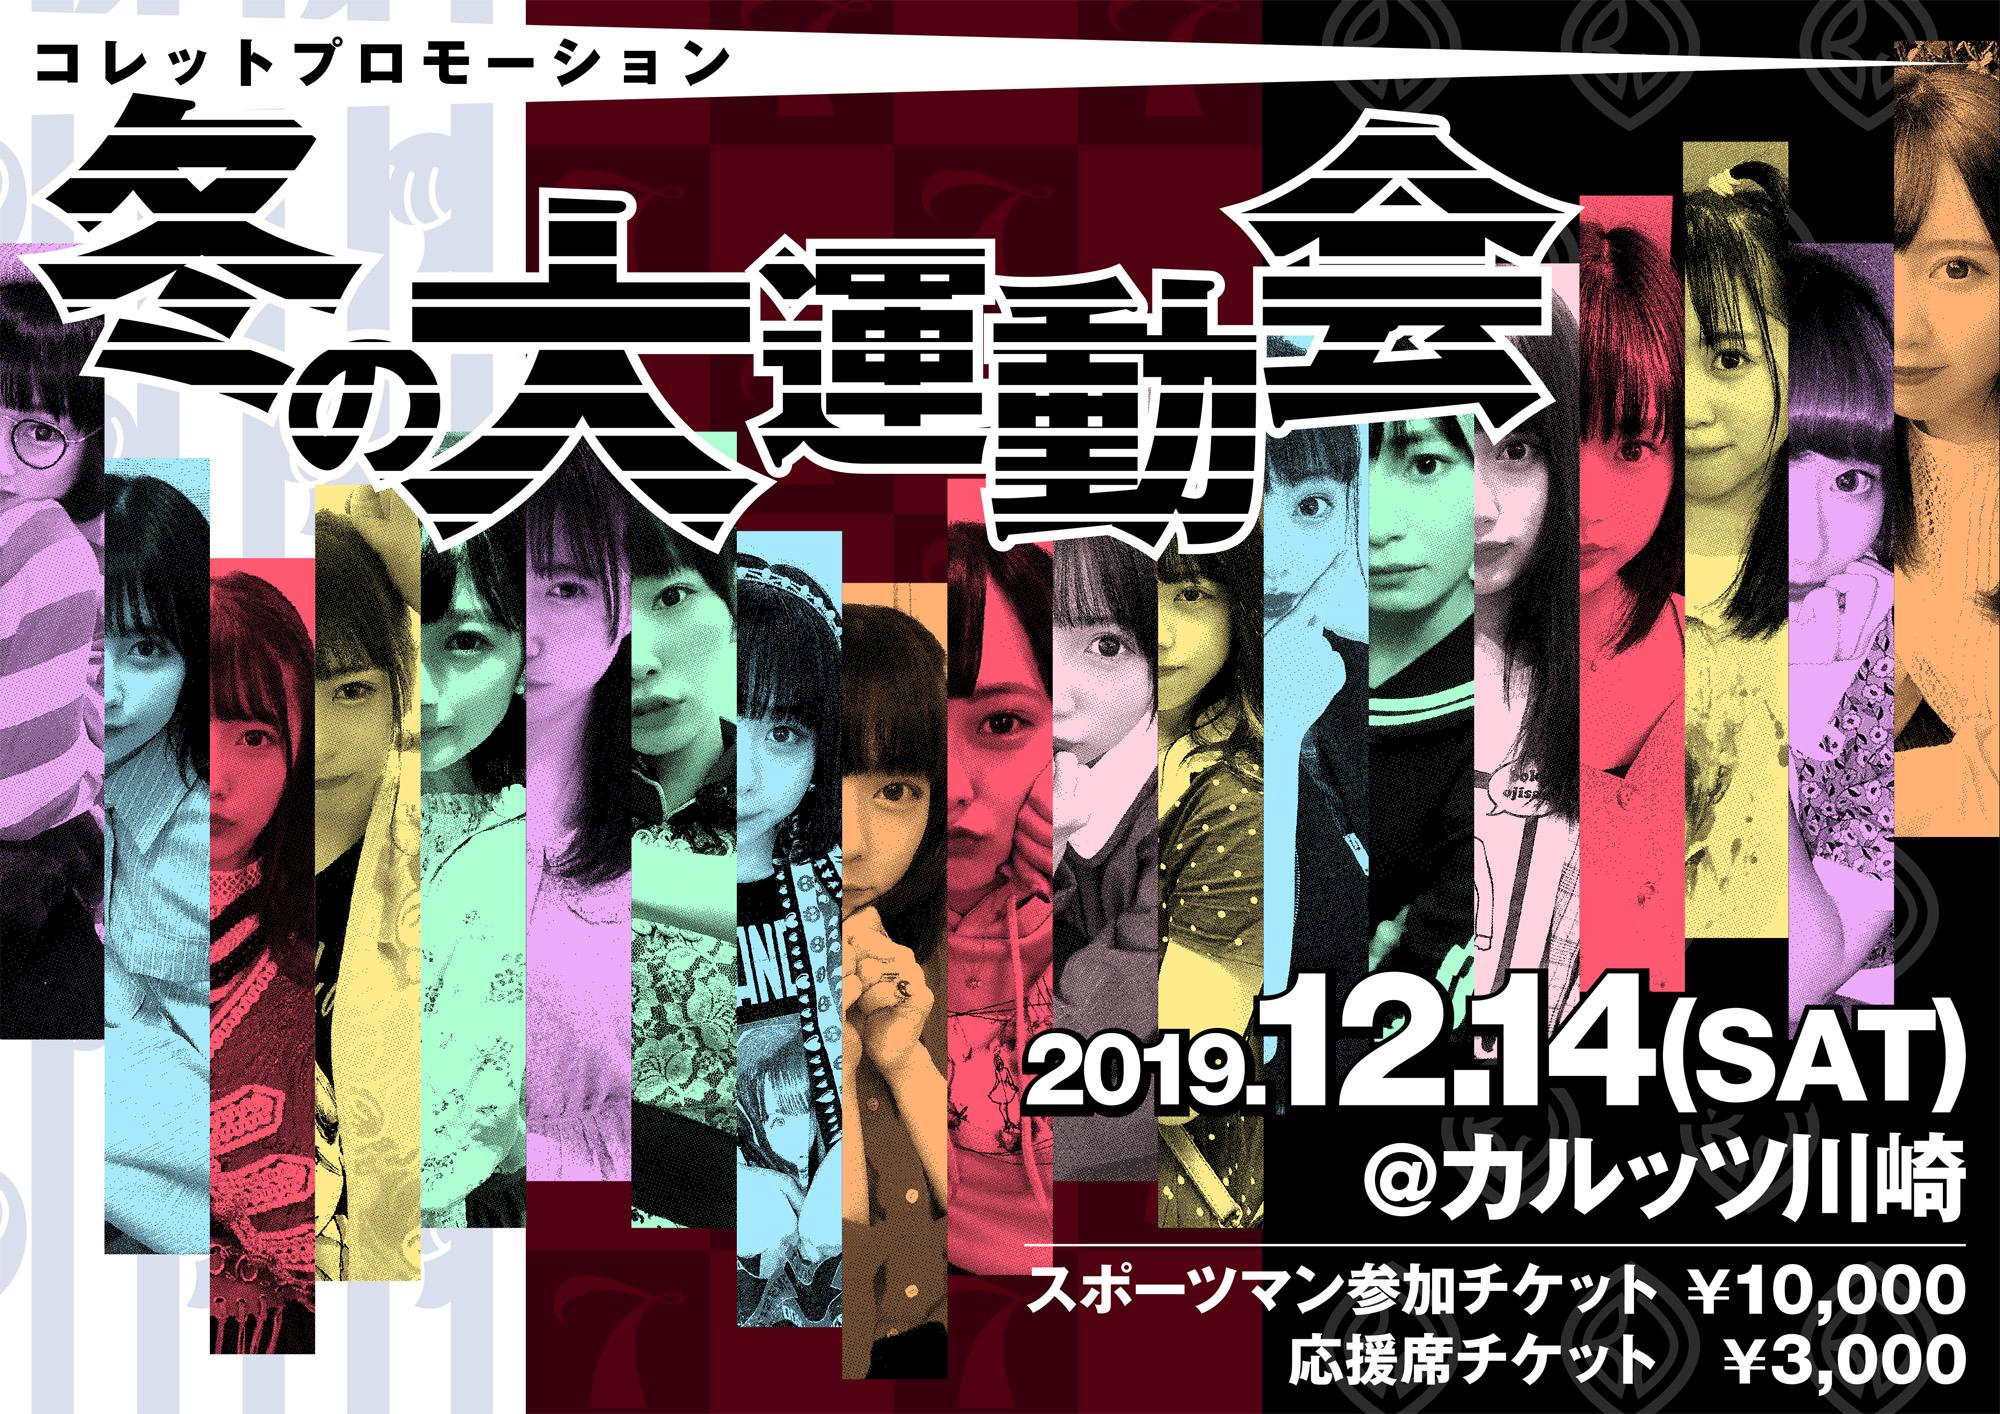 12月14日(土)『コレットプロモーション冬の大運動会 』【まねきケチャチケット受付】